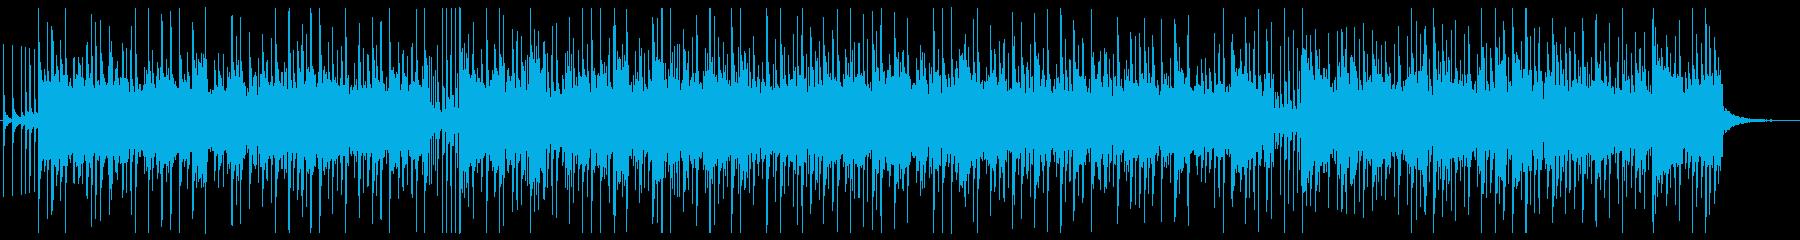 軽薄な感じのBGM ♩=130 の再生済みの波形